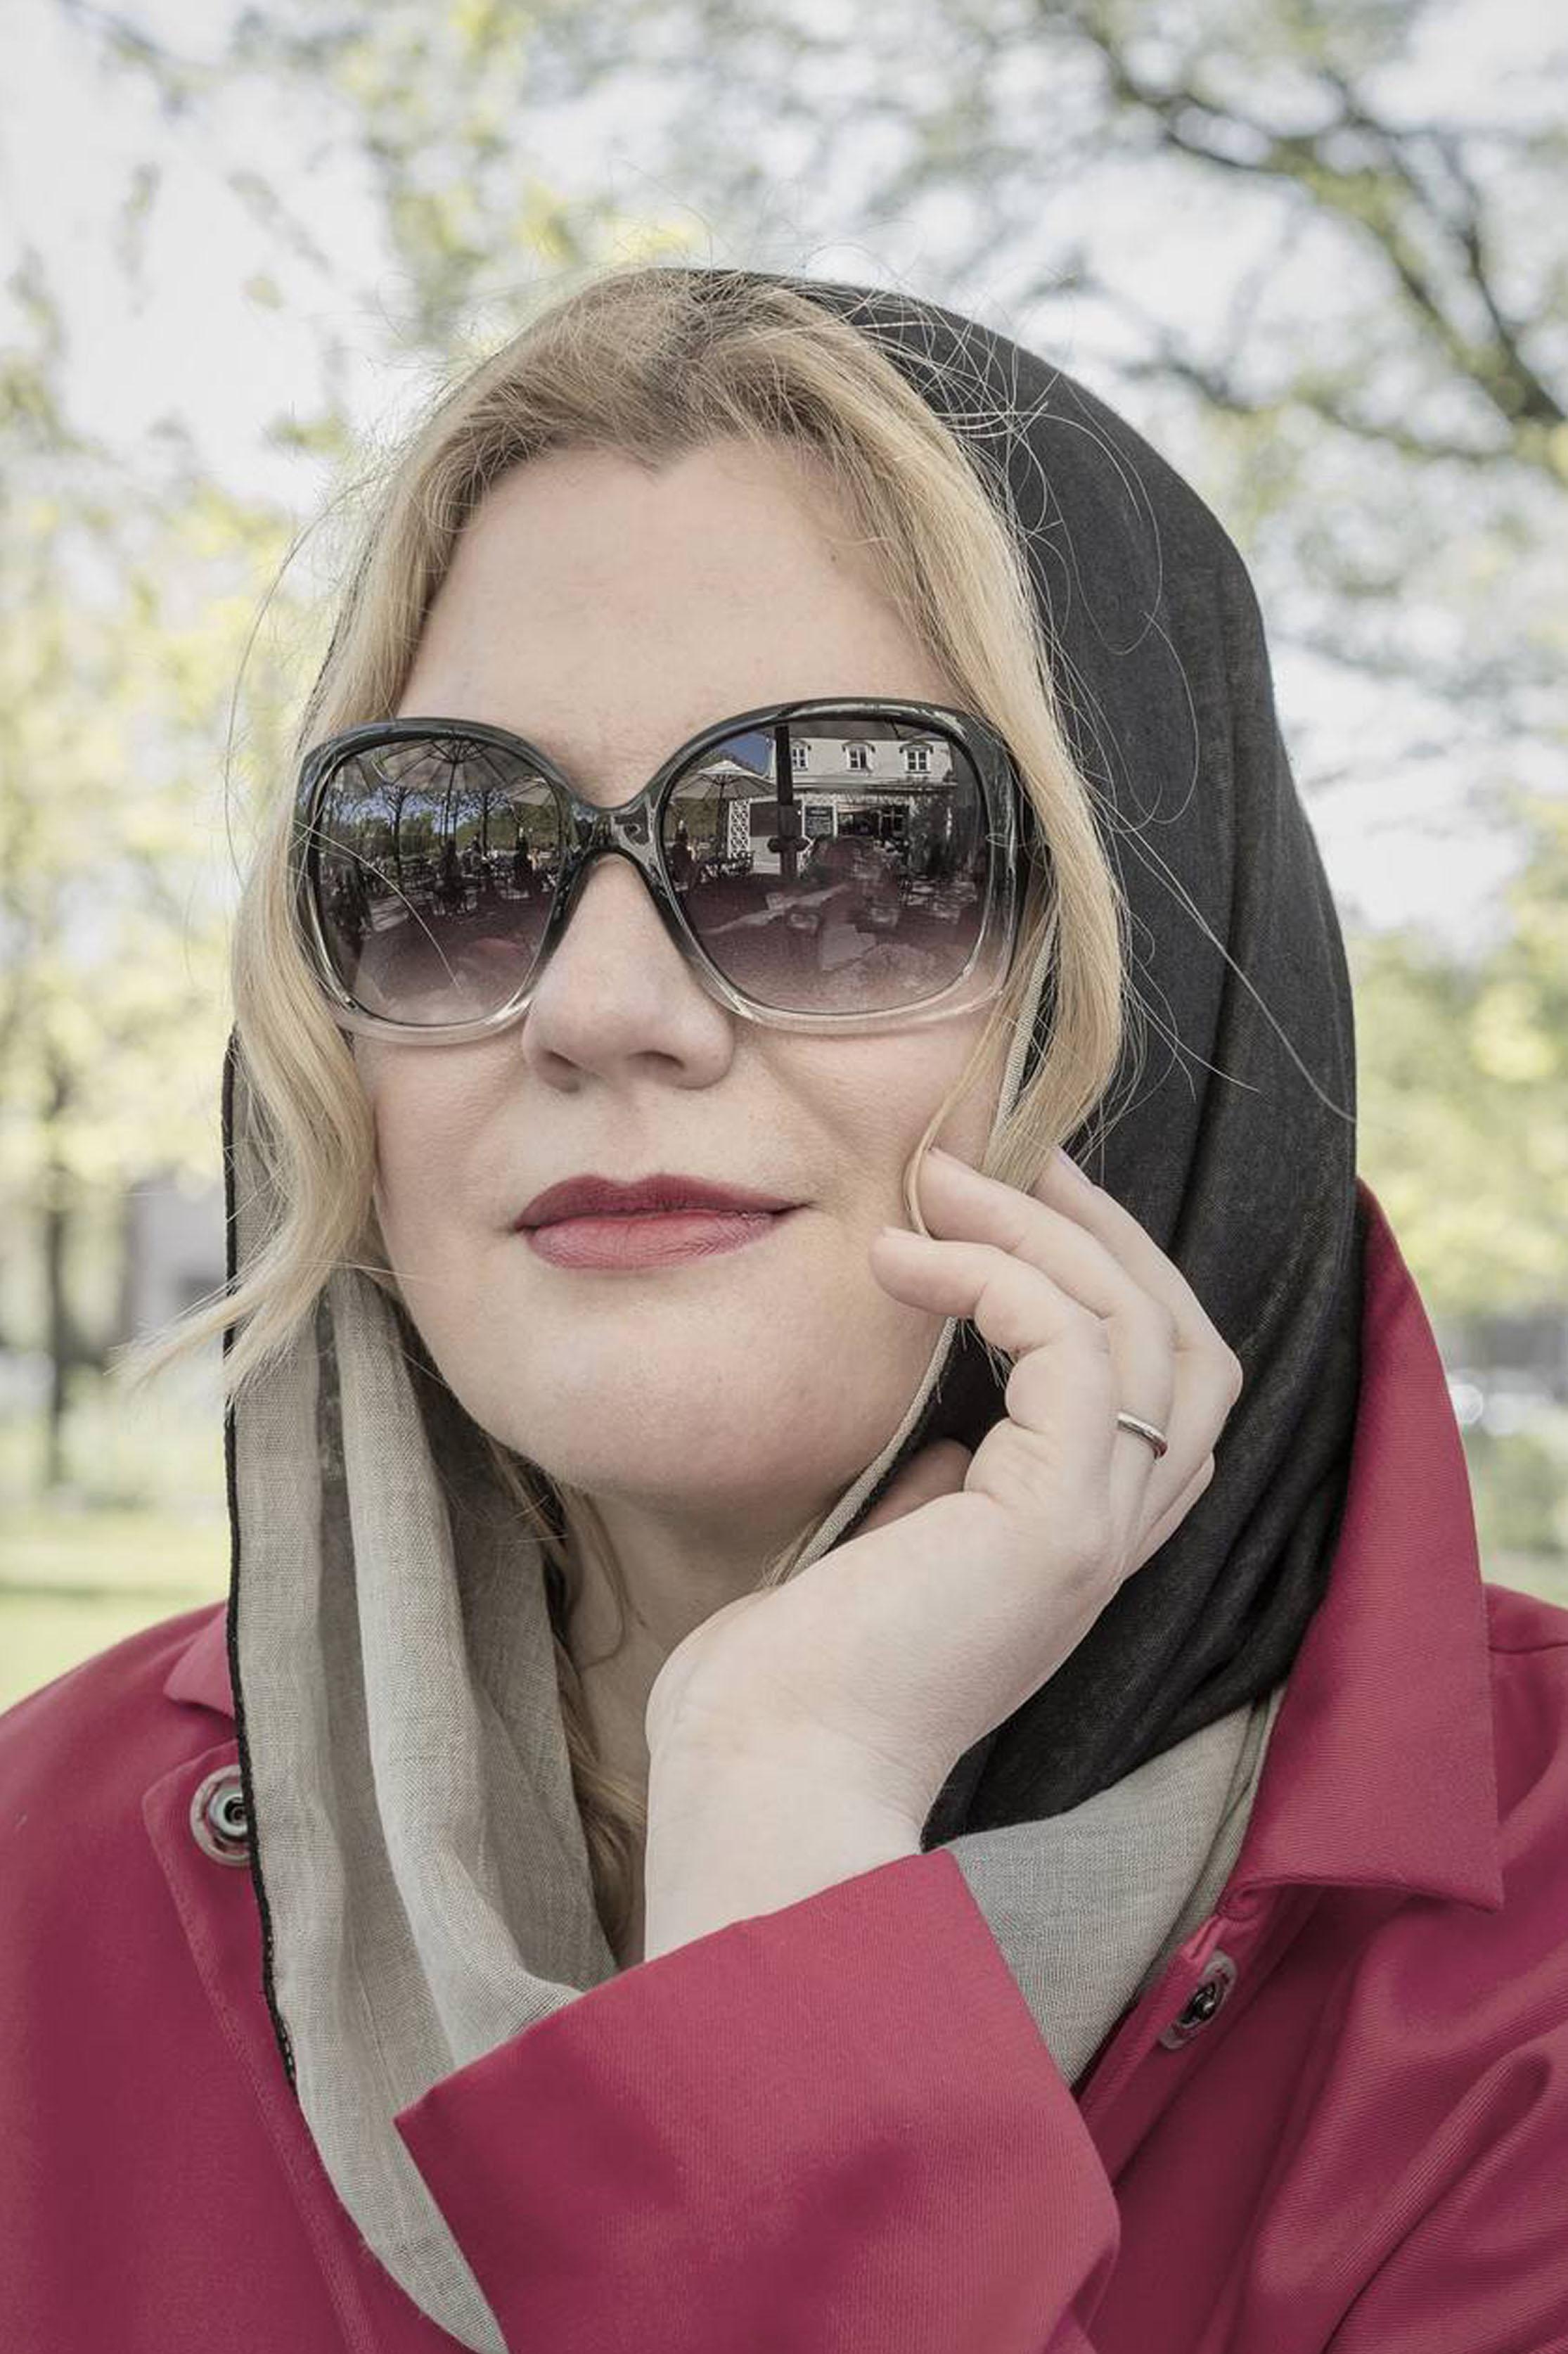 Aile Asszonyi (photo: Kristjan Lepp)